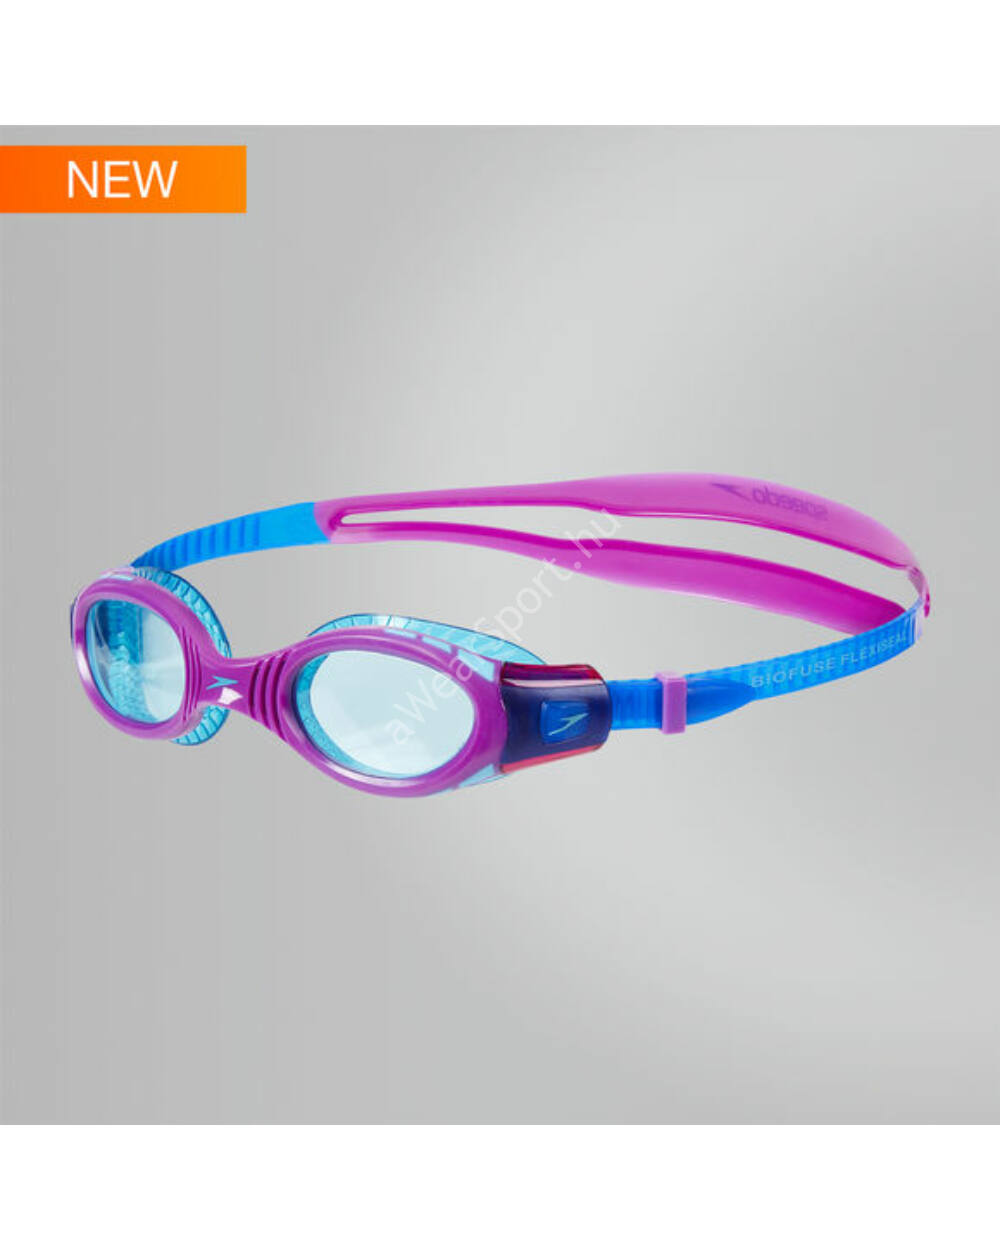 Speedo Futura Biofuse Flexiseal Junior úszószemüveg 6-14 éves, lila-kék